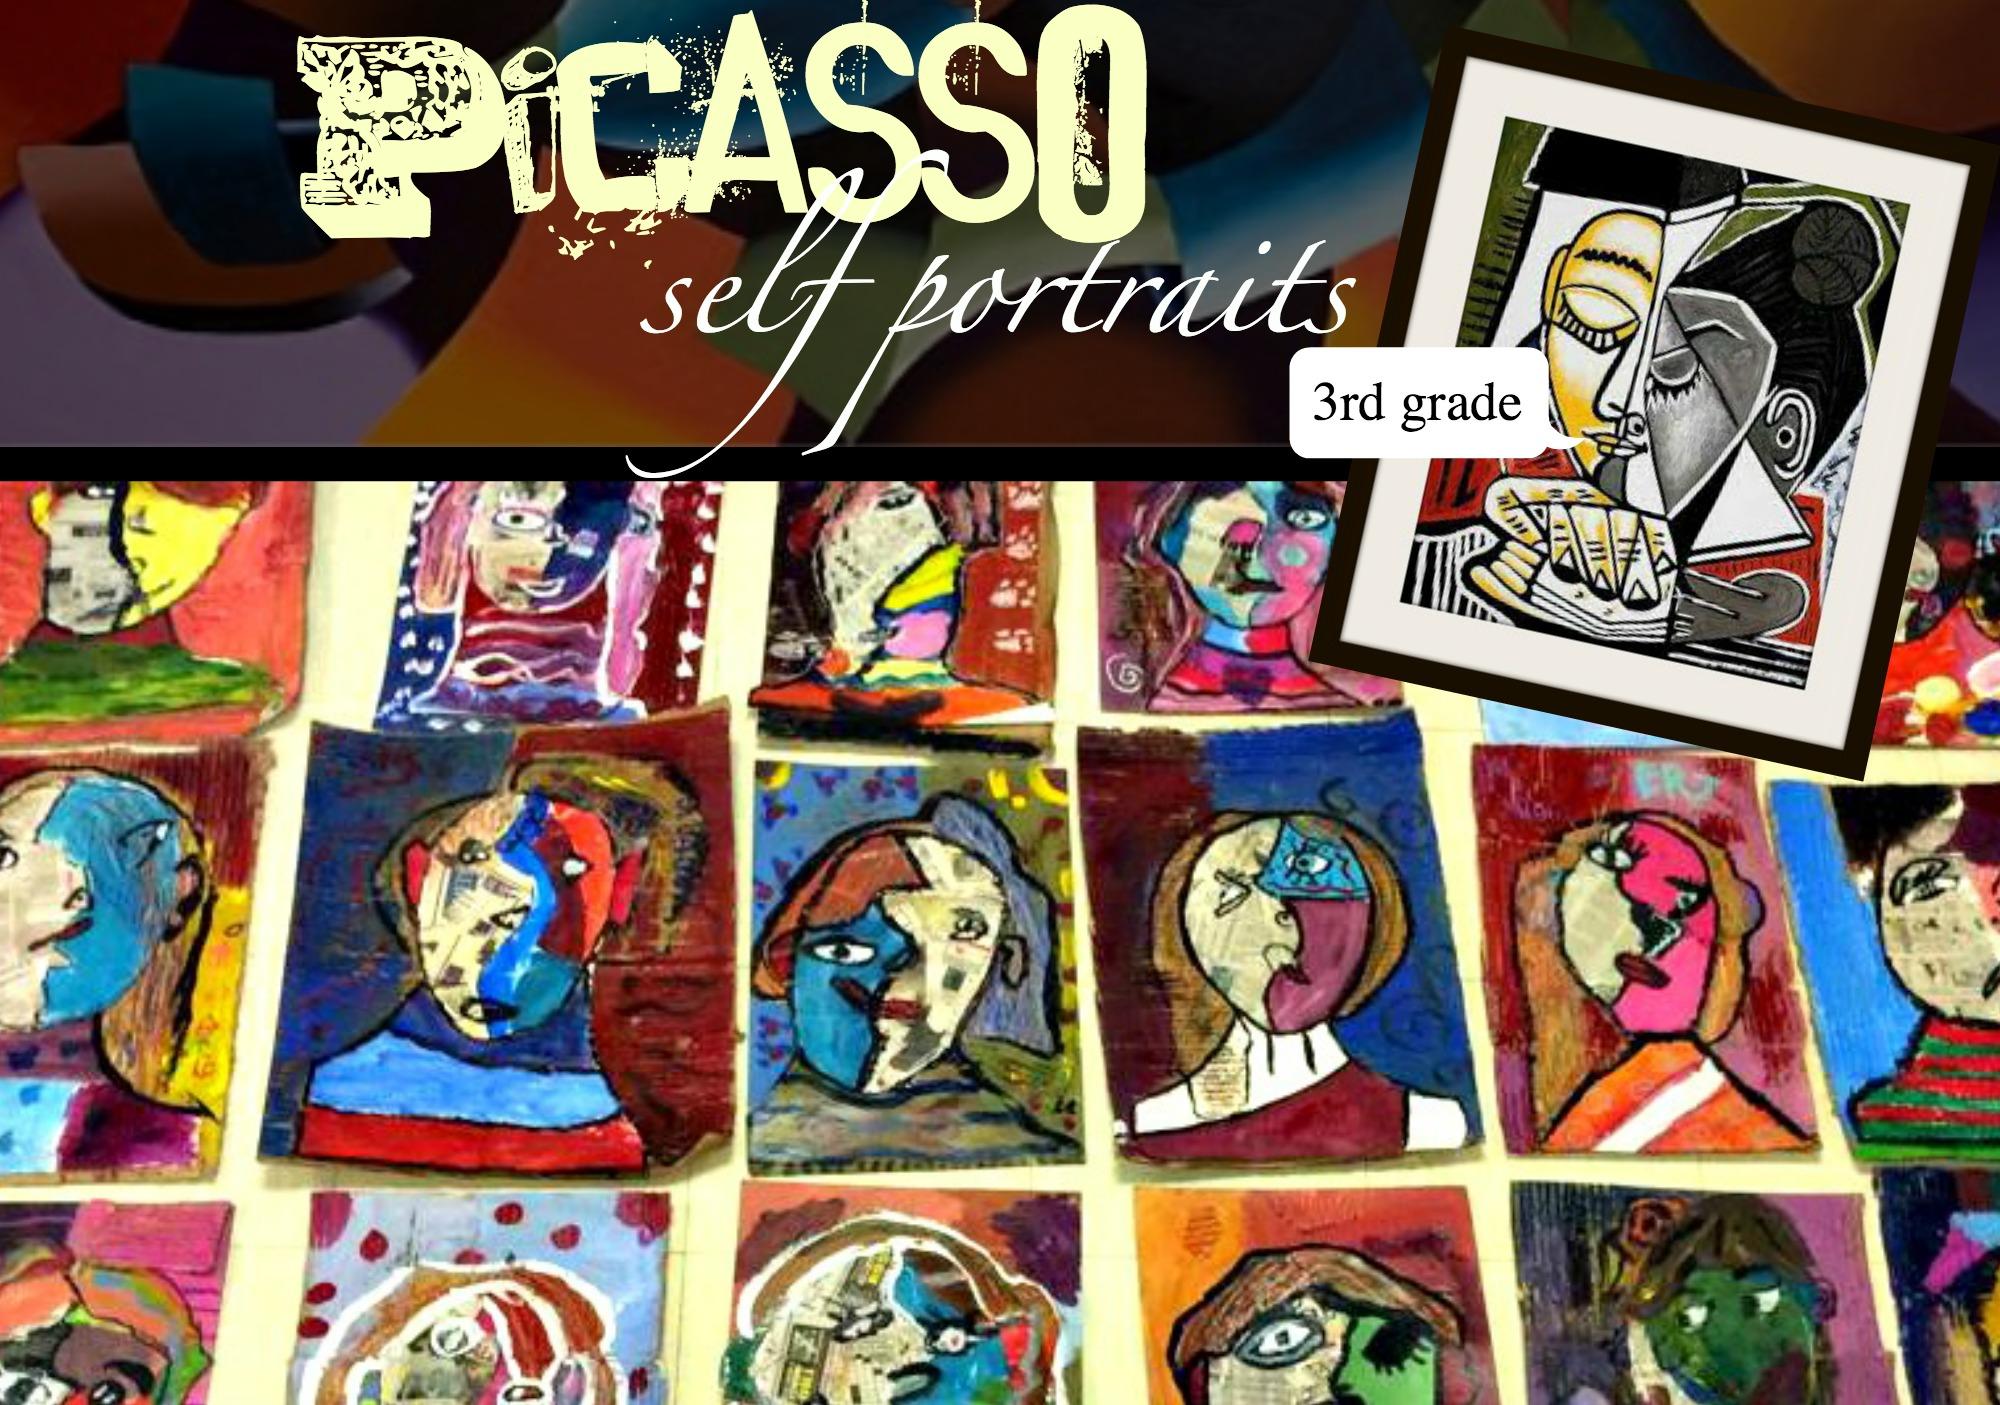 Picasso Self Portraits 3rd Grade